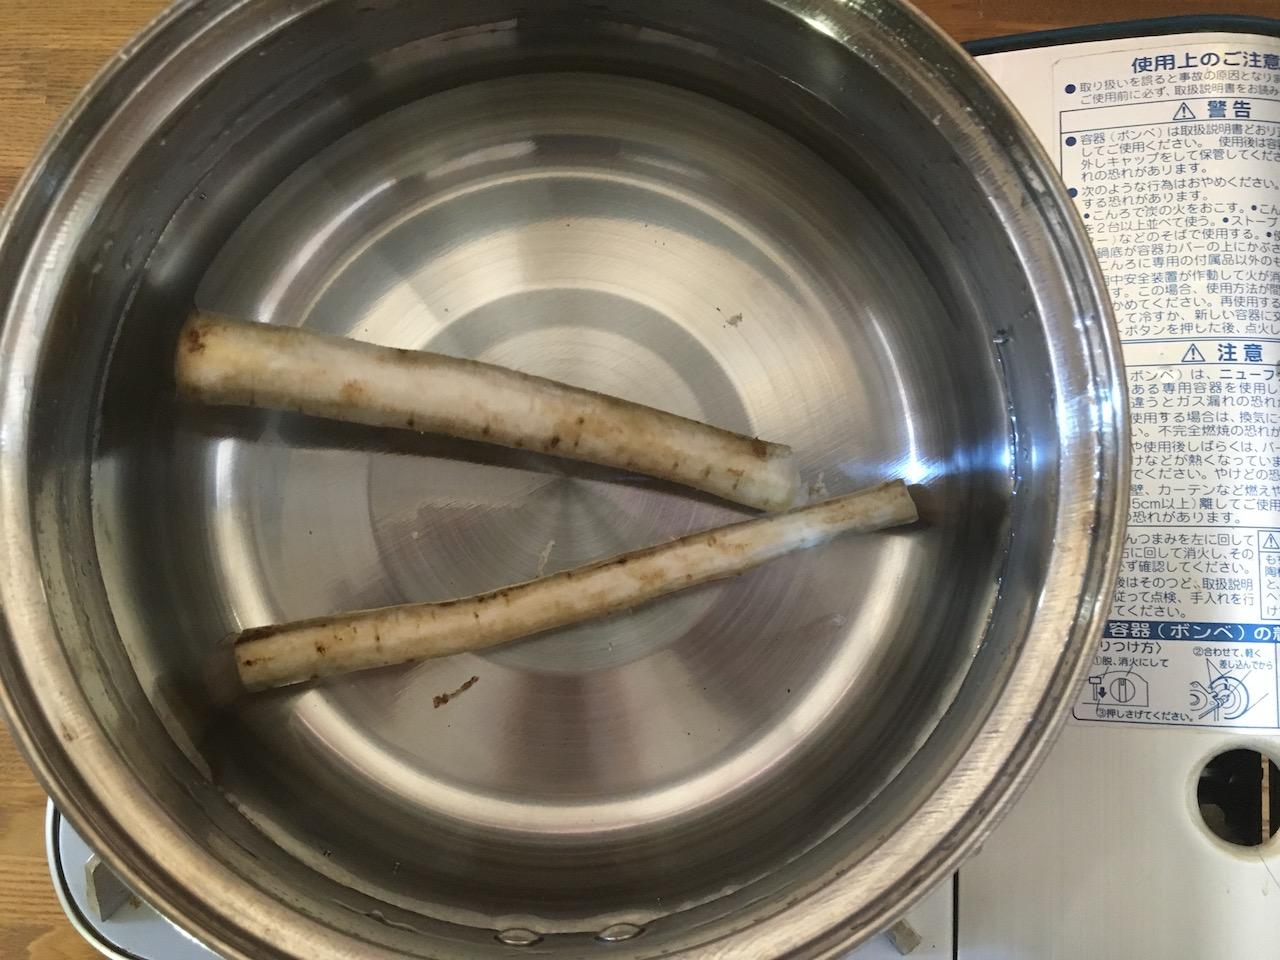 これからぬか漬けにするごぼう鍋で茹でる